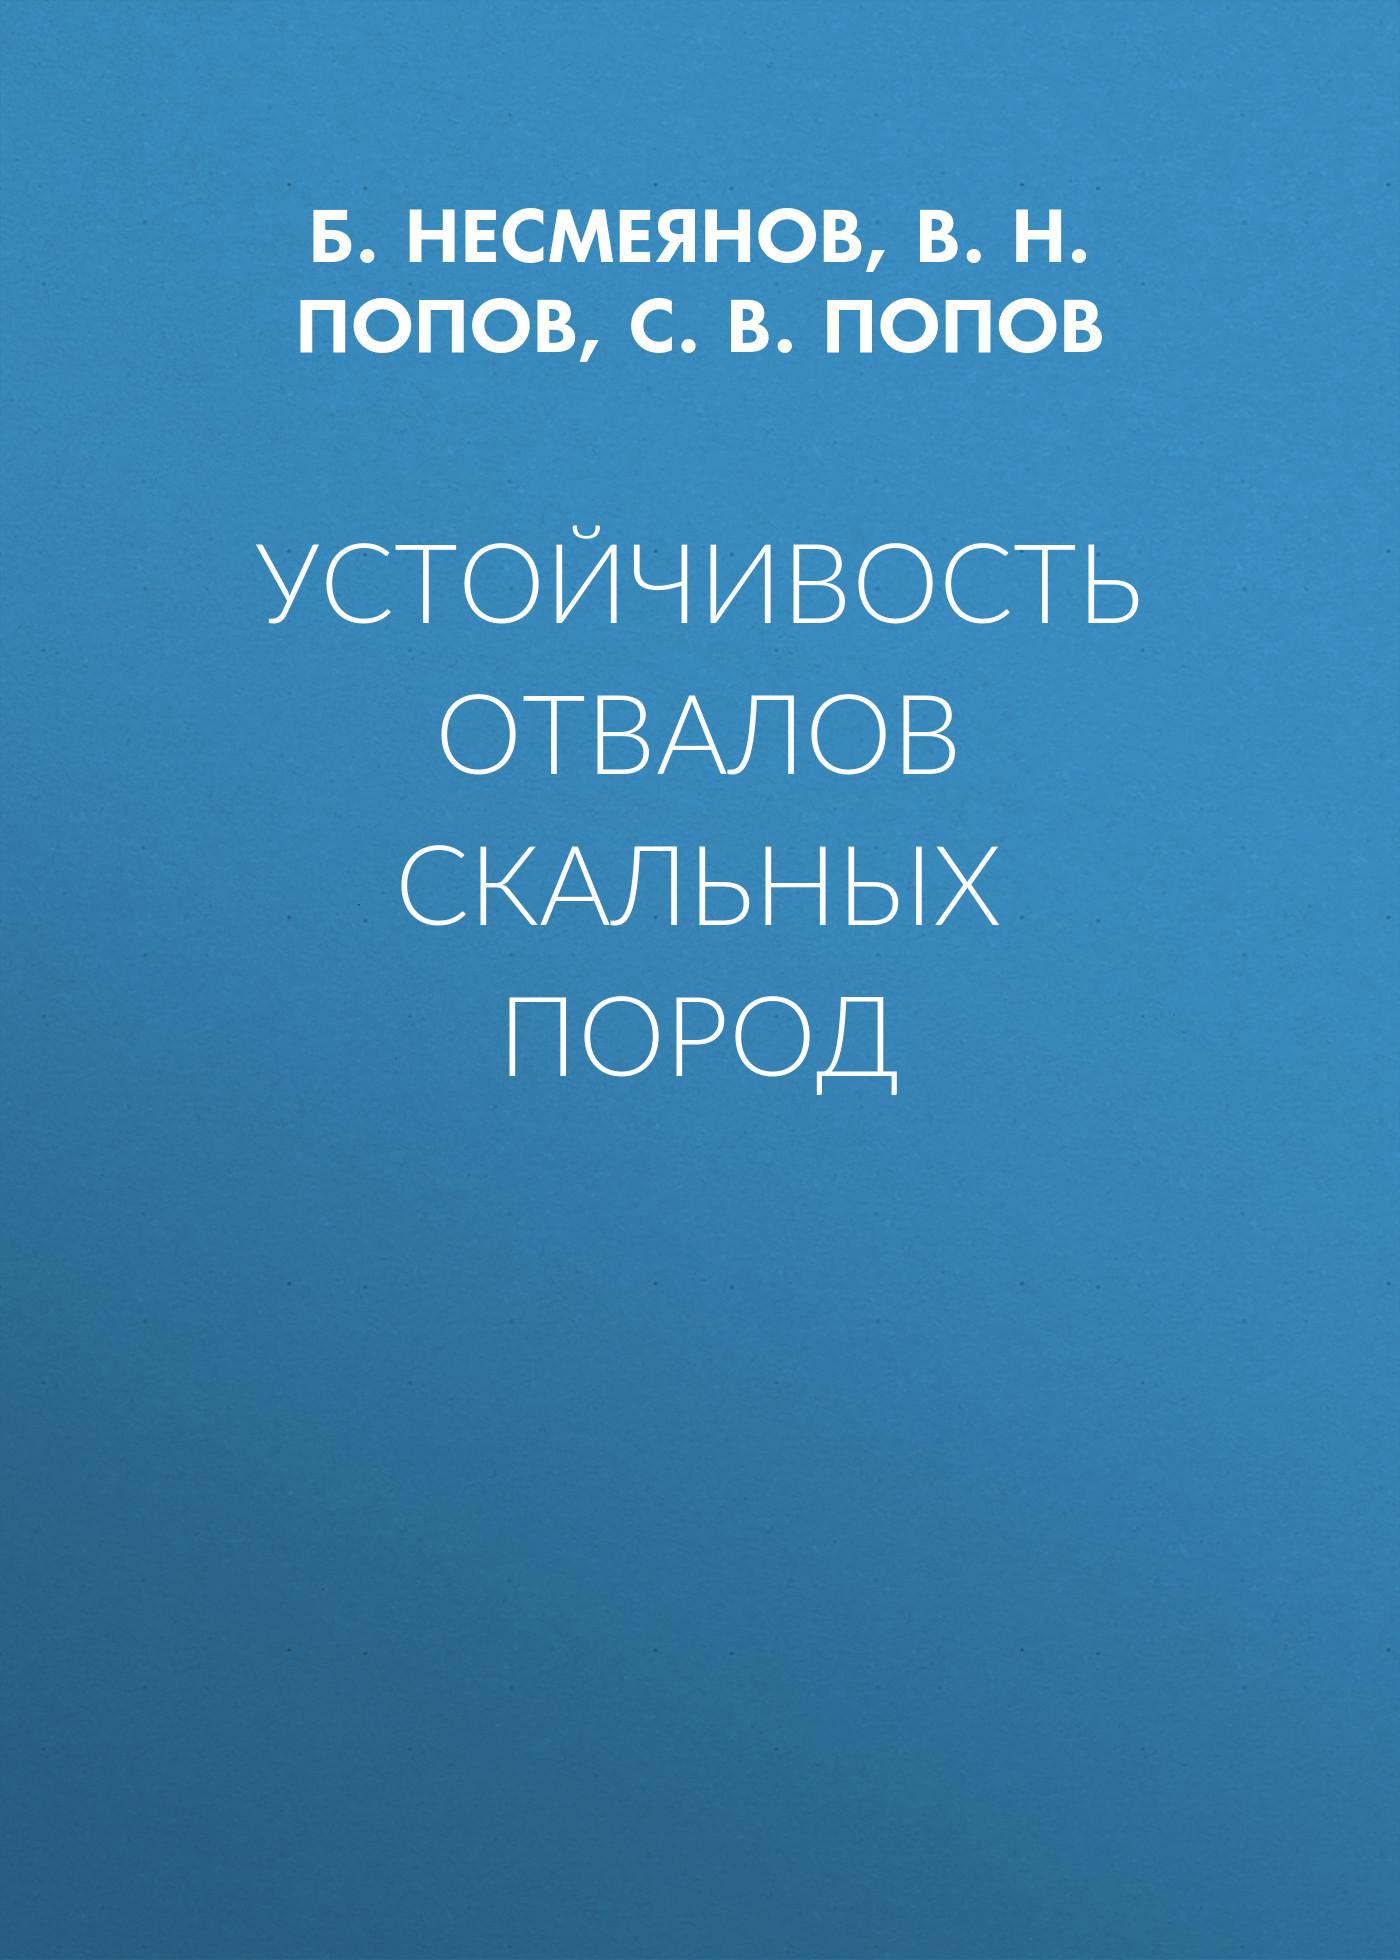 В. Н. Попов Устойчивость отвалов скальных пород